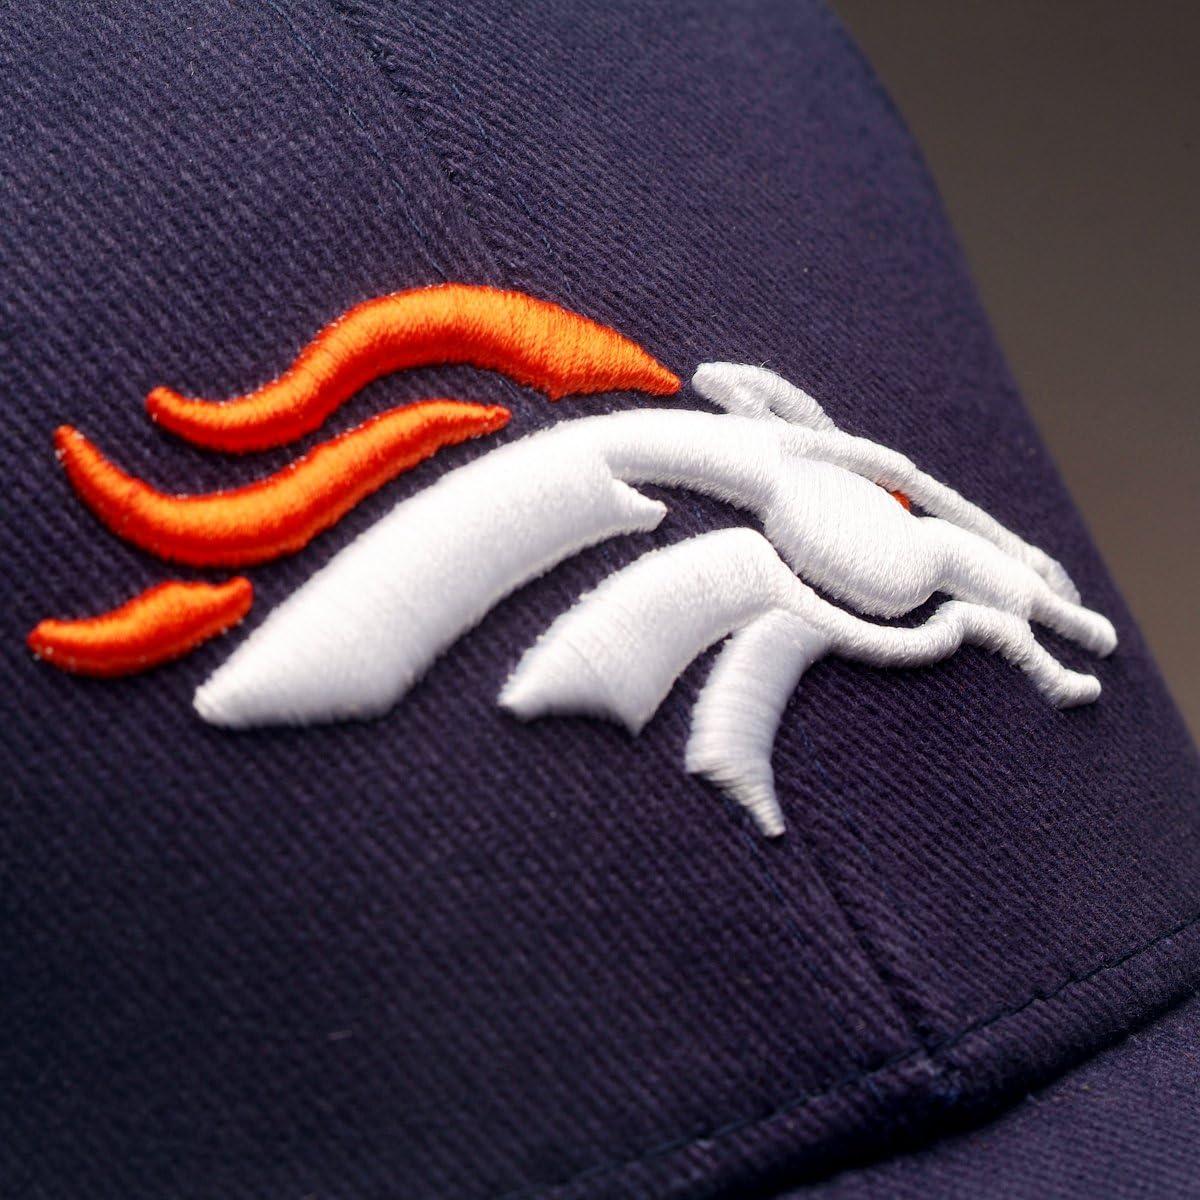 Lightwear NFL Denver Broncos Dual LED Headlight Adjustable Hat